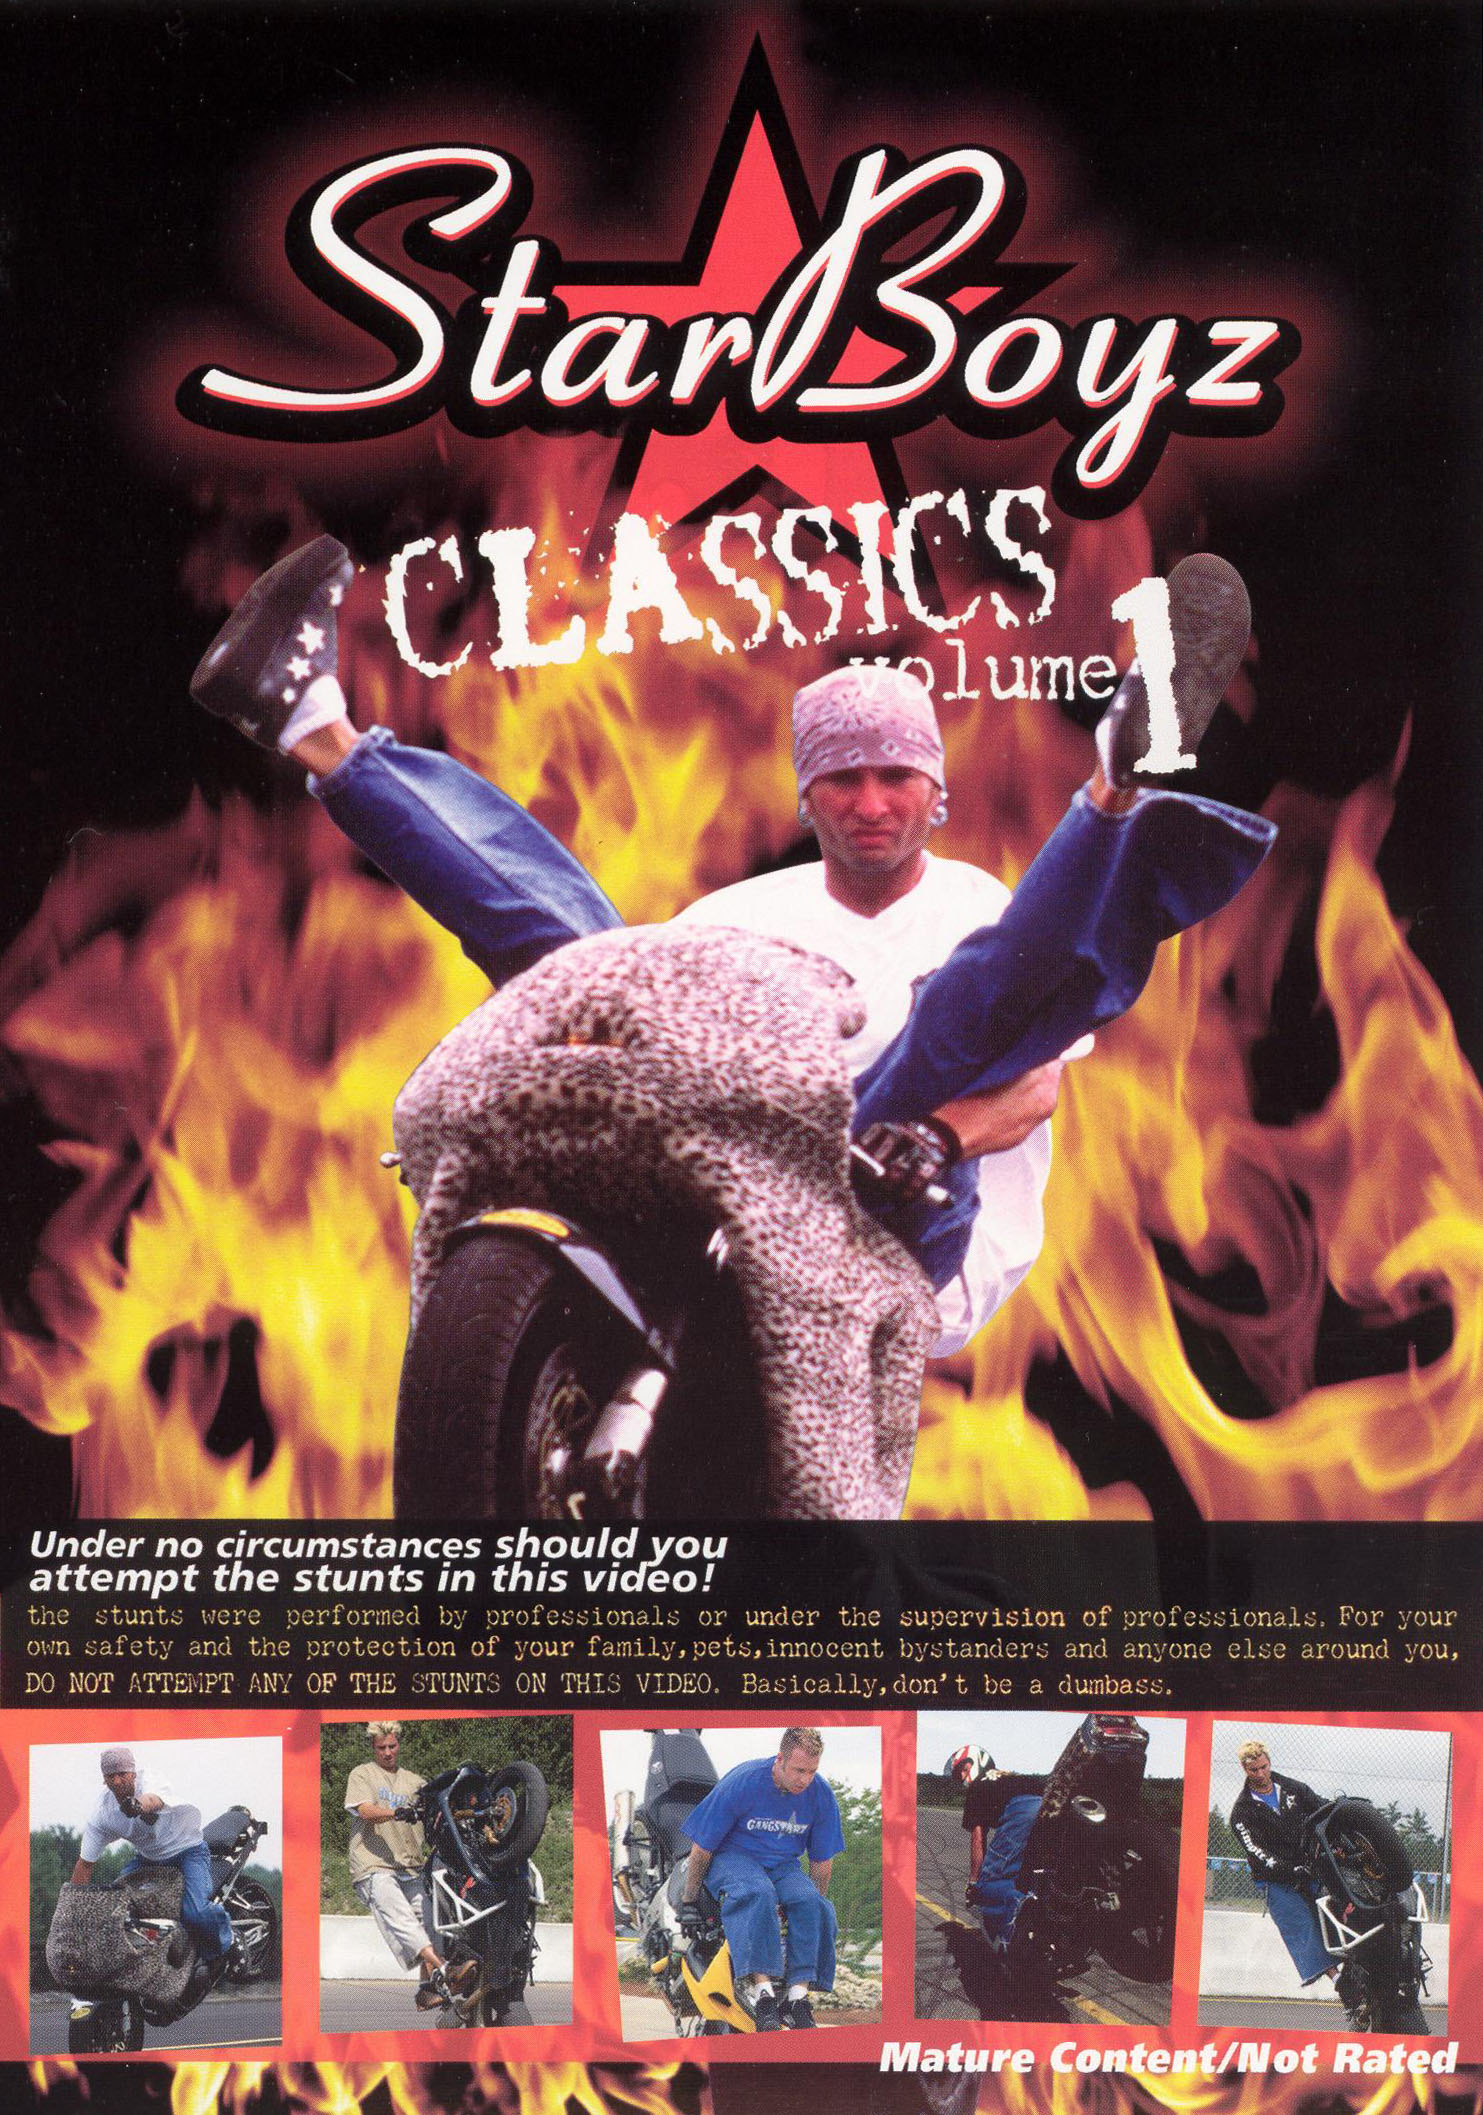 Starboyz Classics, Vol. 1